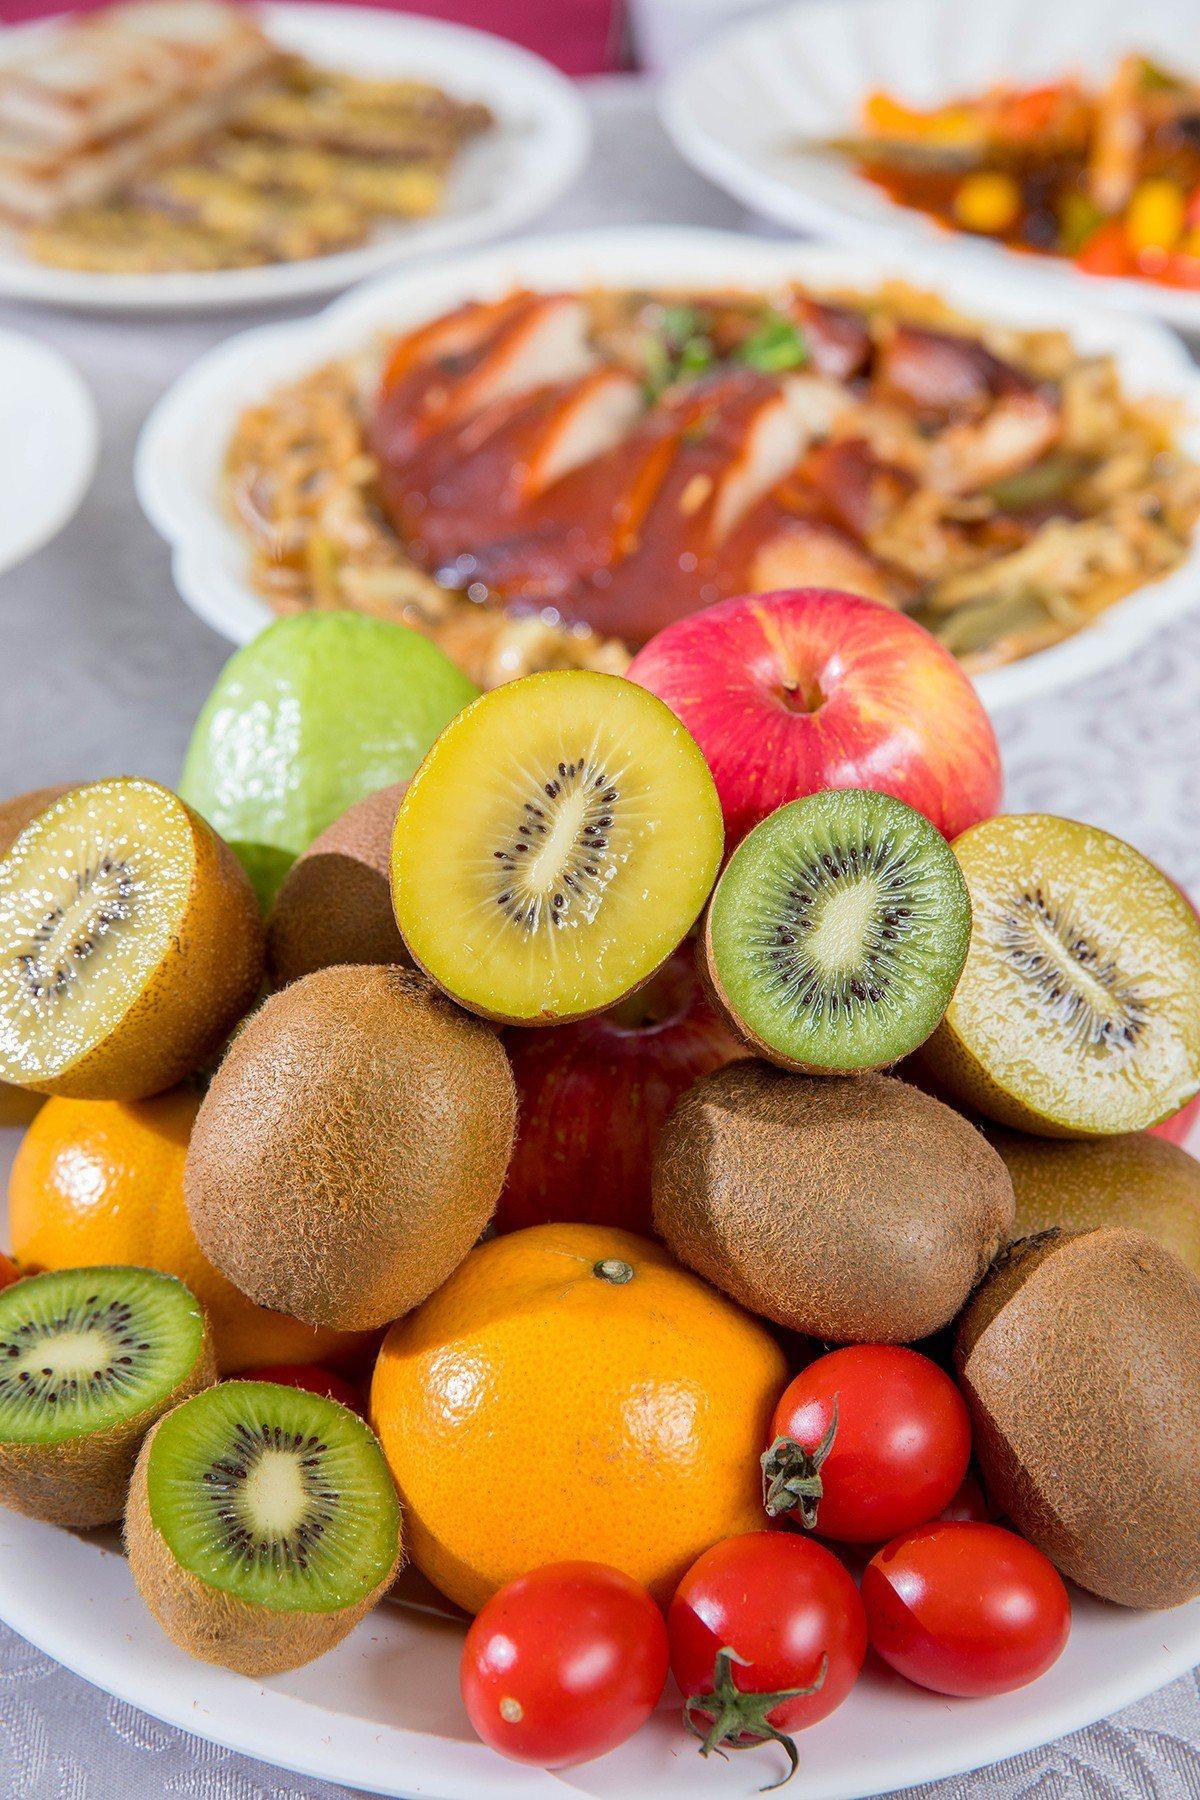 年節飲食高油脂,更要提高攝食蔬果的比例。 圖/王仁昌 提供